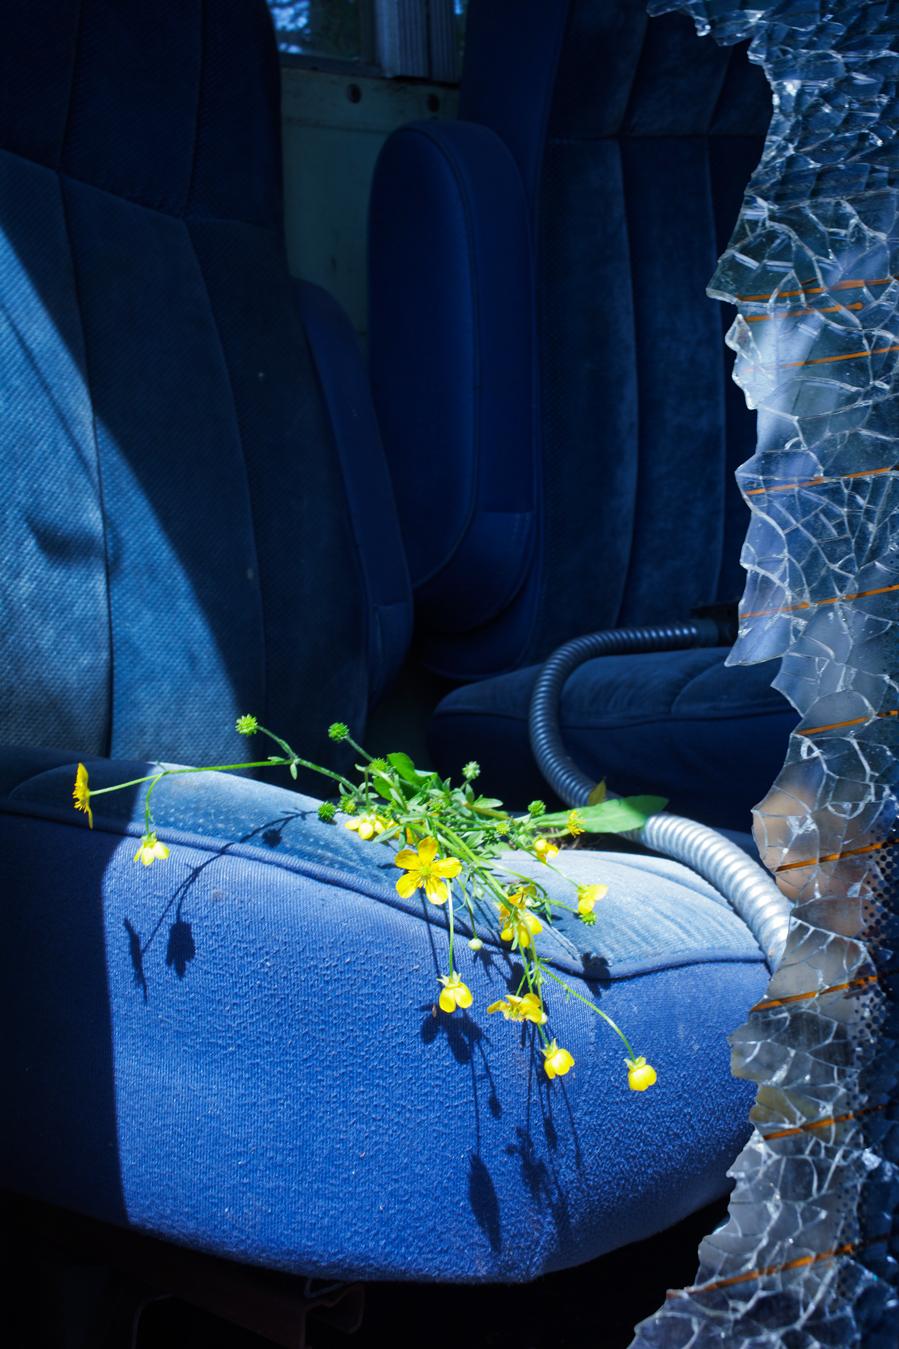 wildflowers-by-ransom-ashley-.jpg